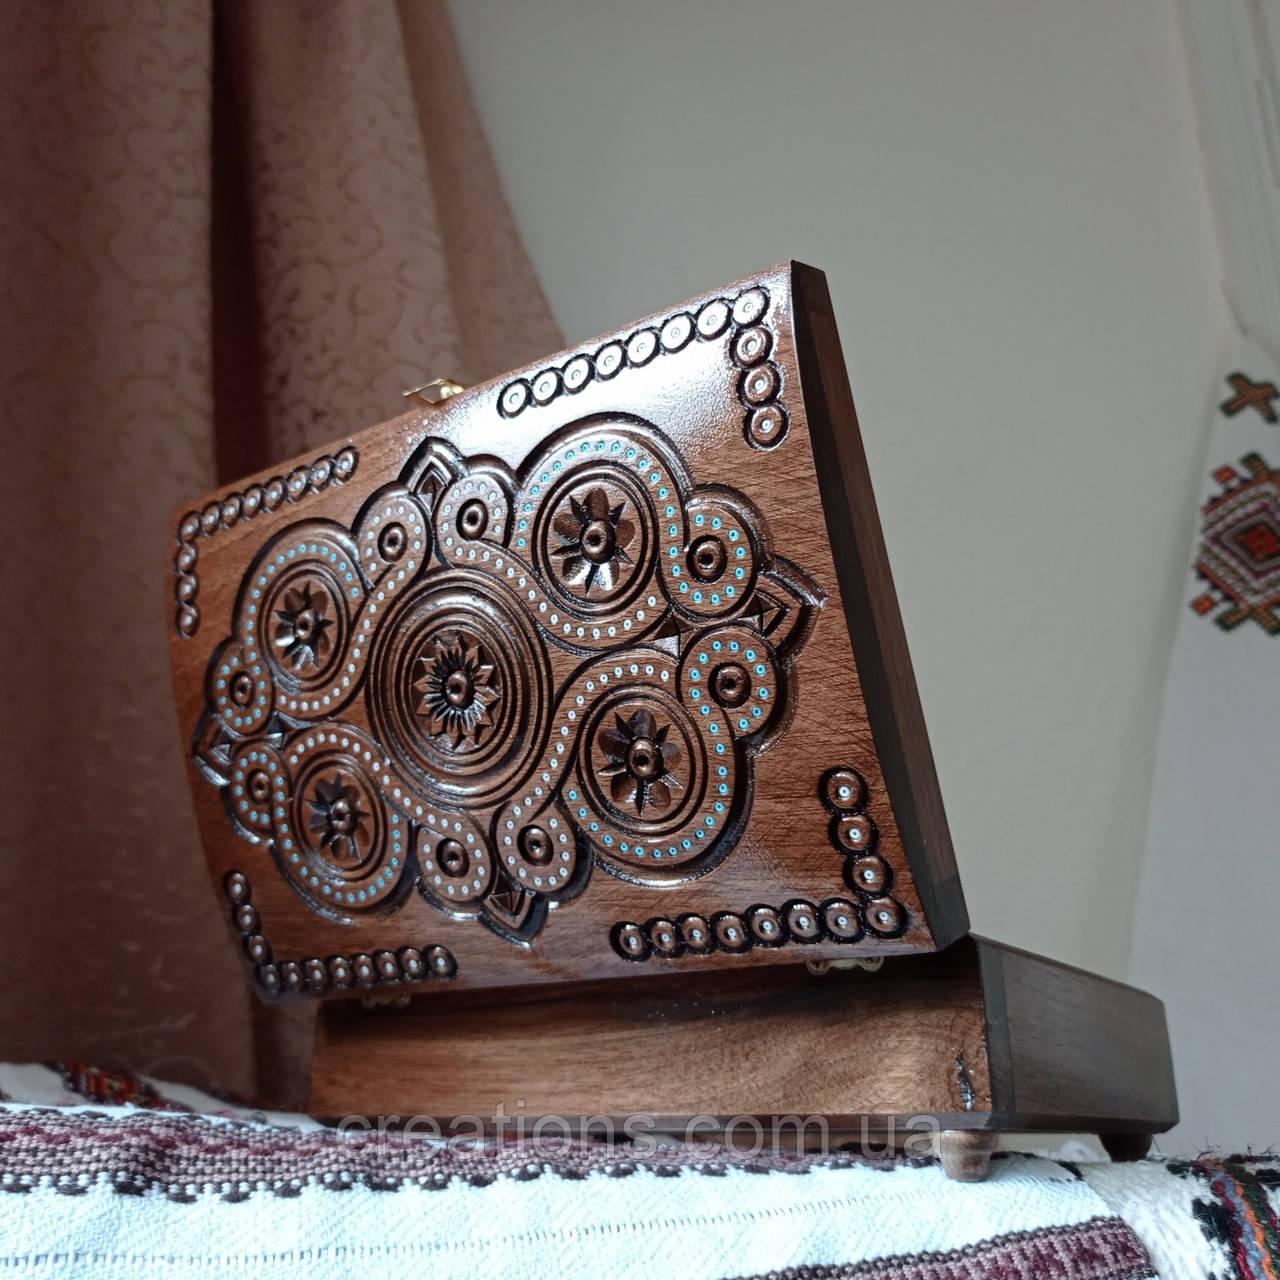 Шкатулка дерев'яна різьблена 21*15 для прикрас, ручна робота